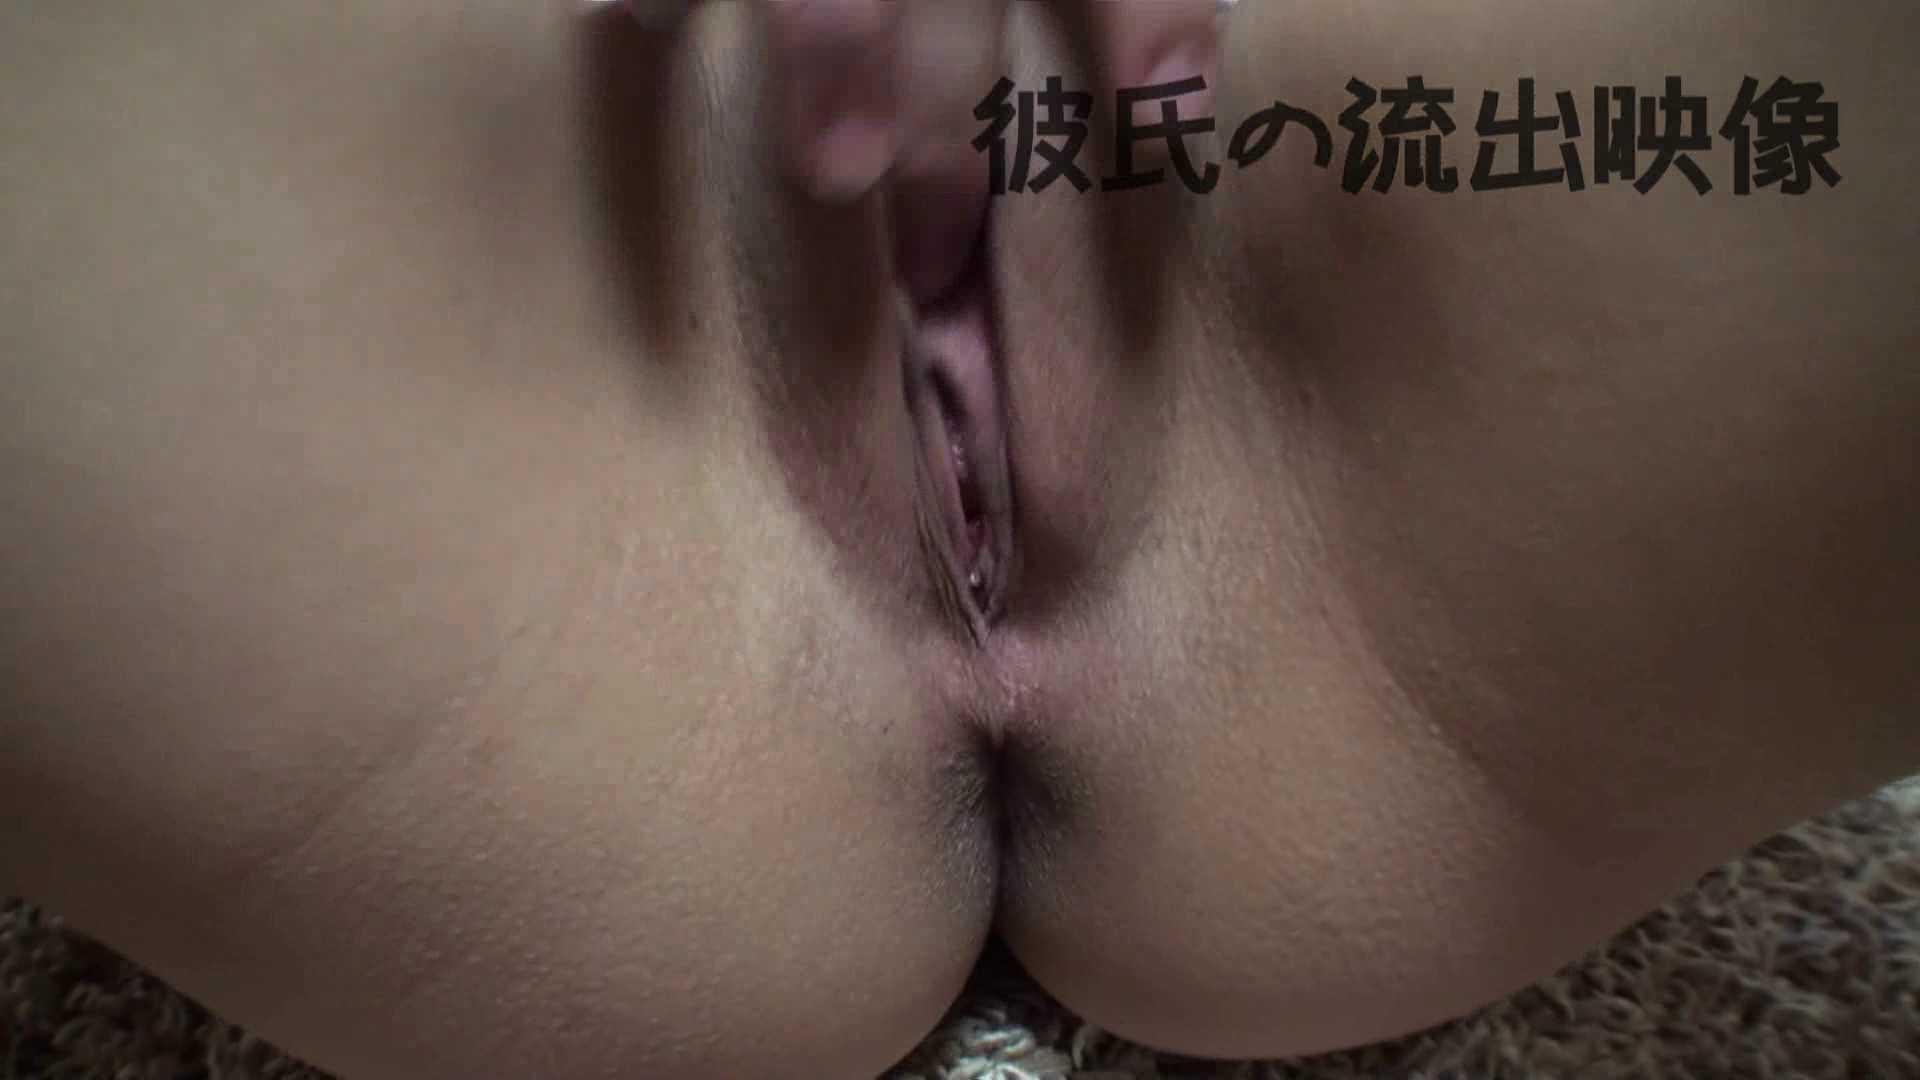 彼氏が流出 パイパン素人嬢のハメ撮り映像04 一般投稿  82連発 51